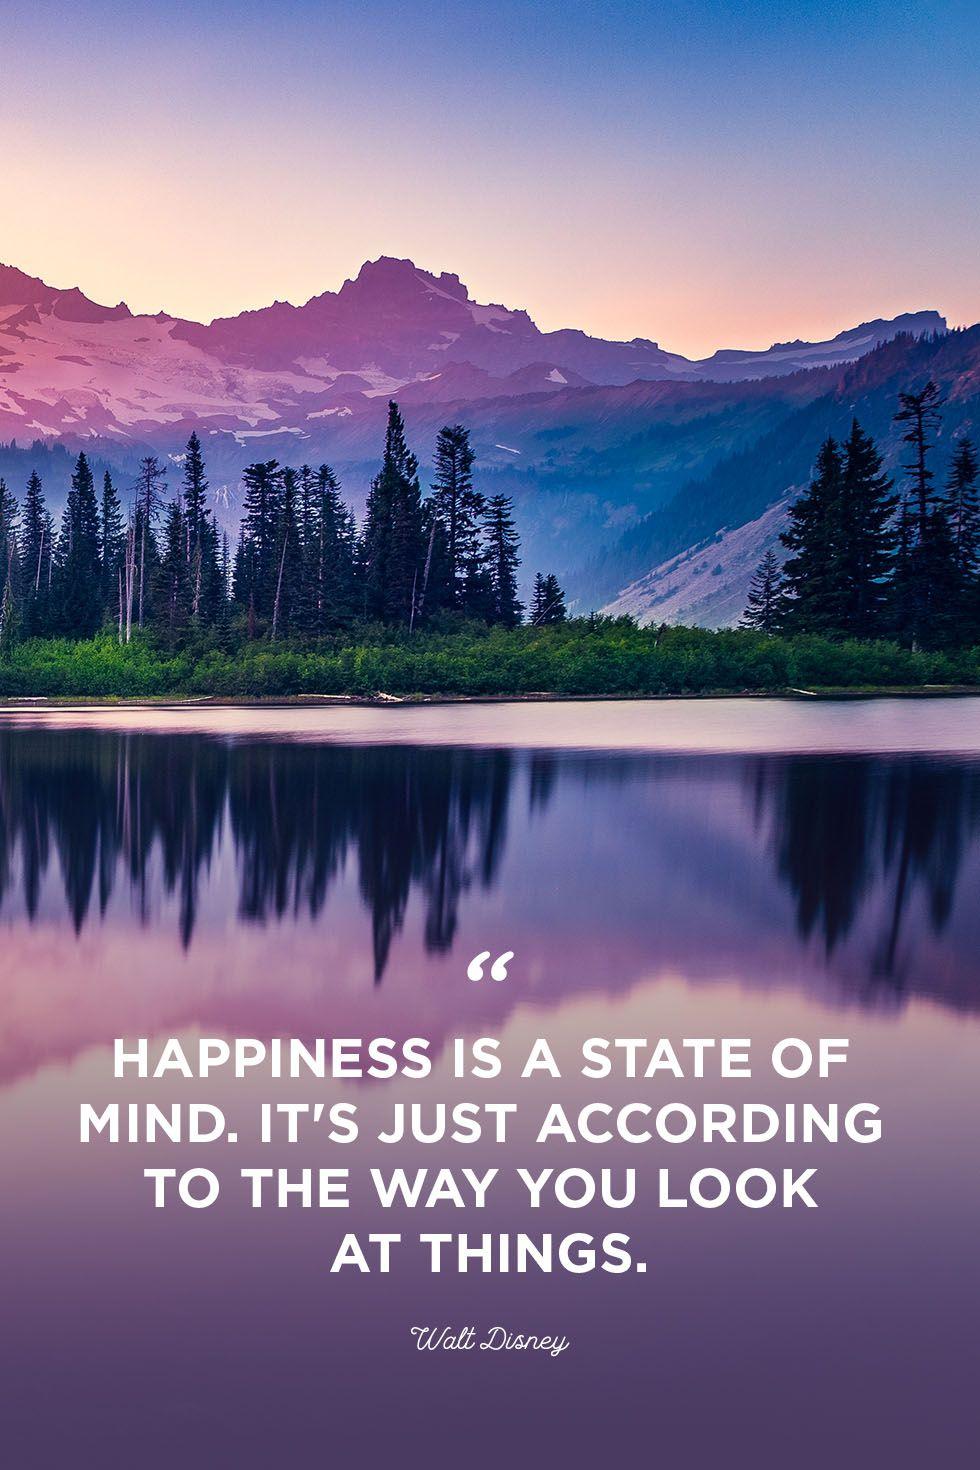 happy life quote walt disney